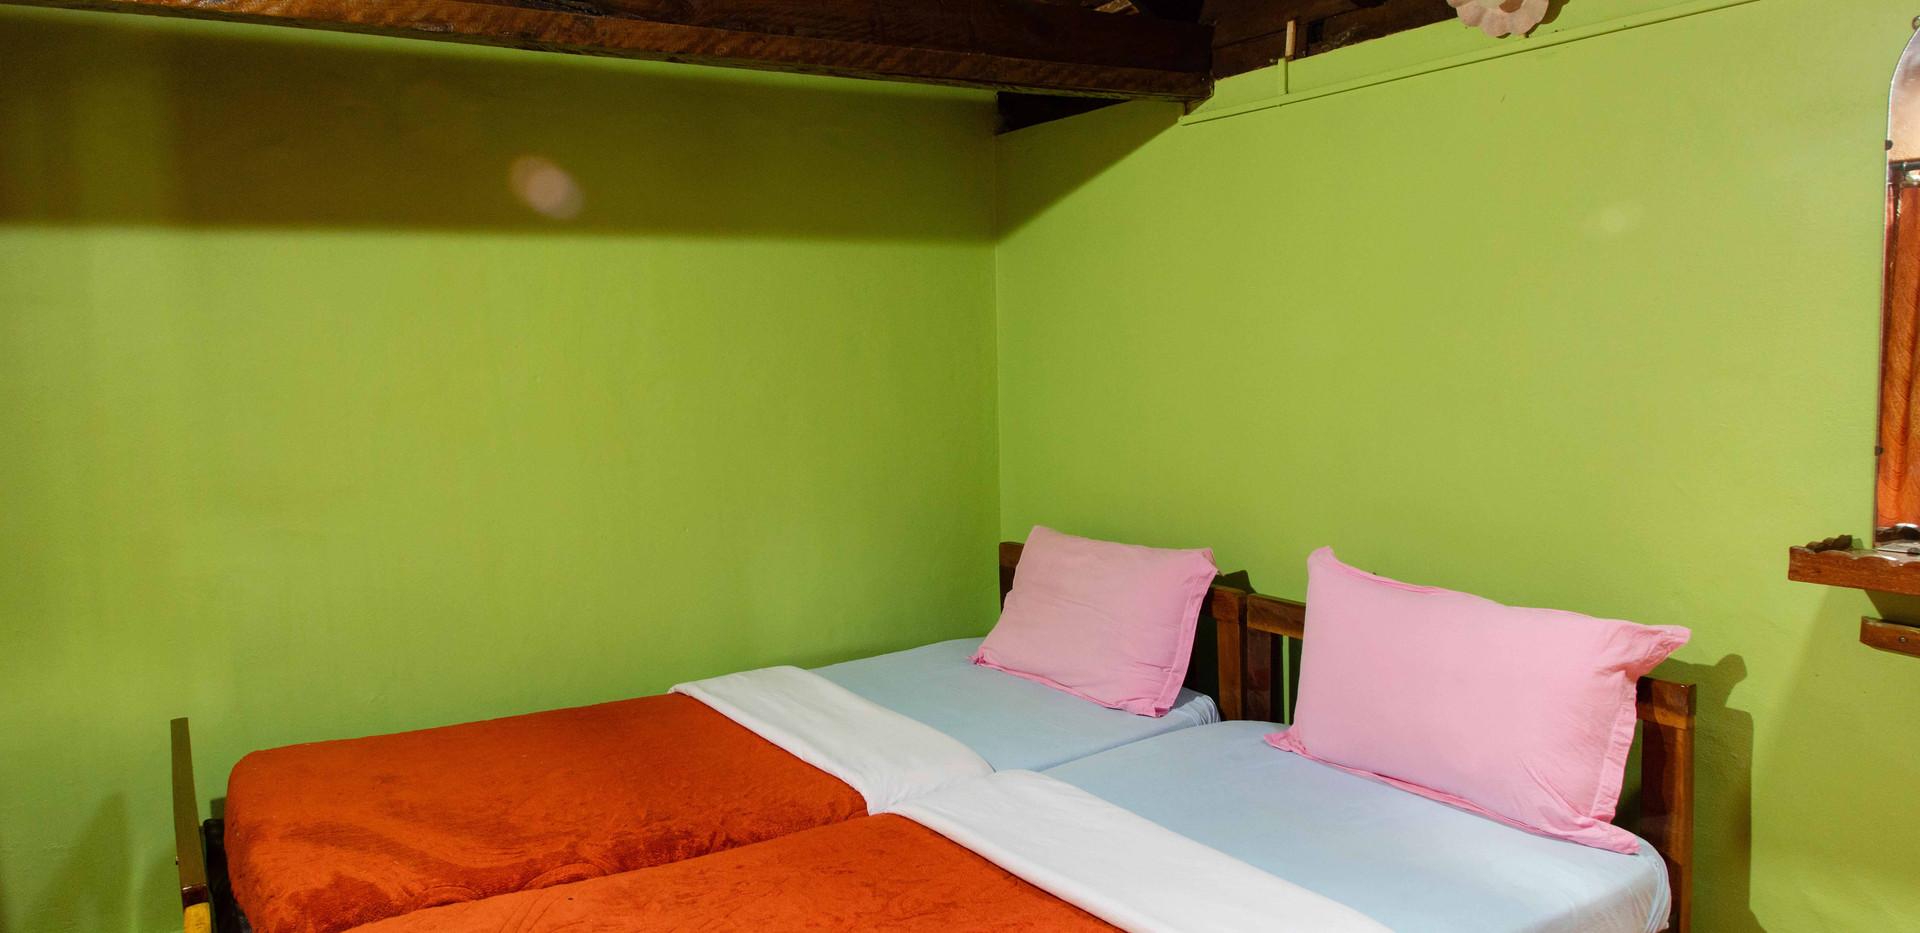 Eastside 2 Bed